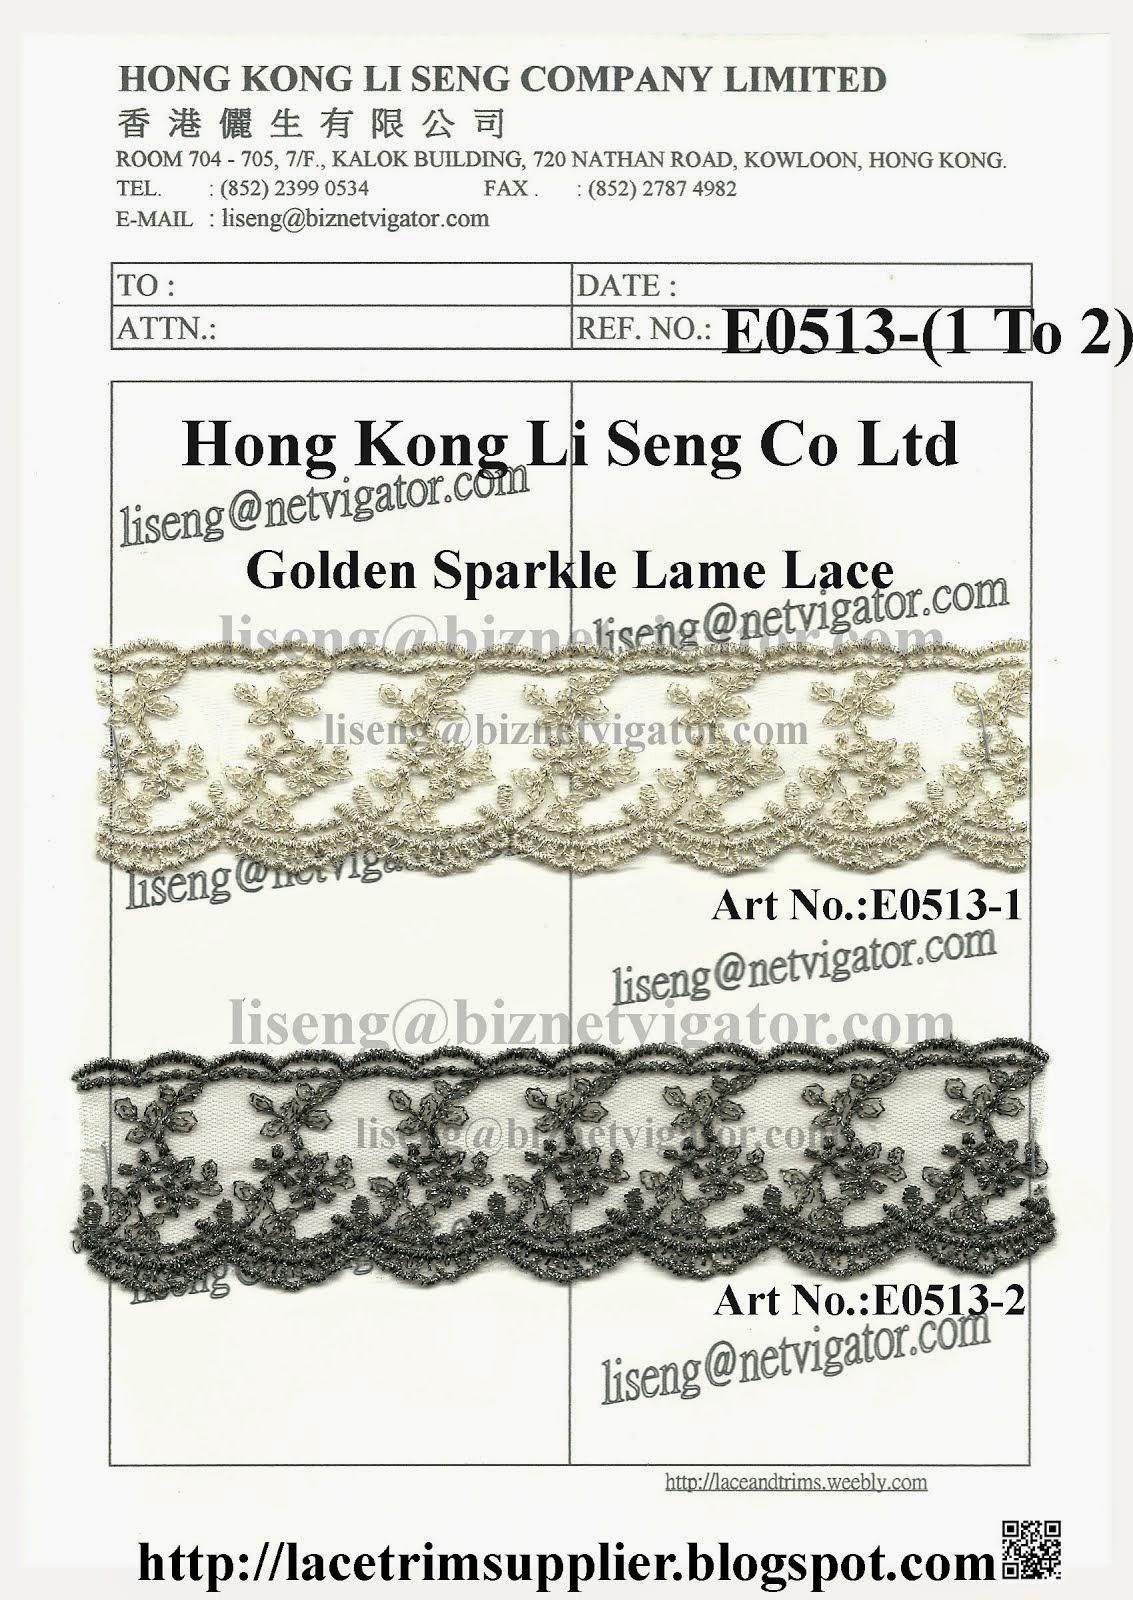 Golden Sparkle Lame Lace Trims Factory - Hong Kong Li Seng Co Ltd